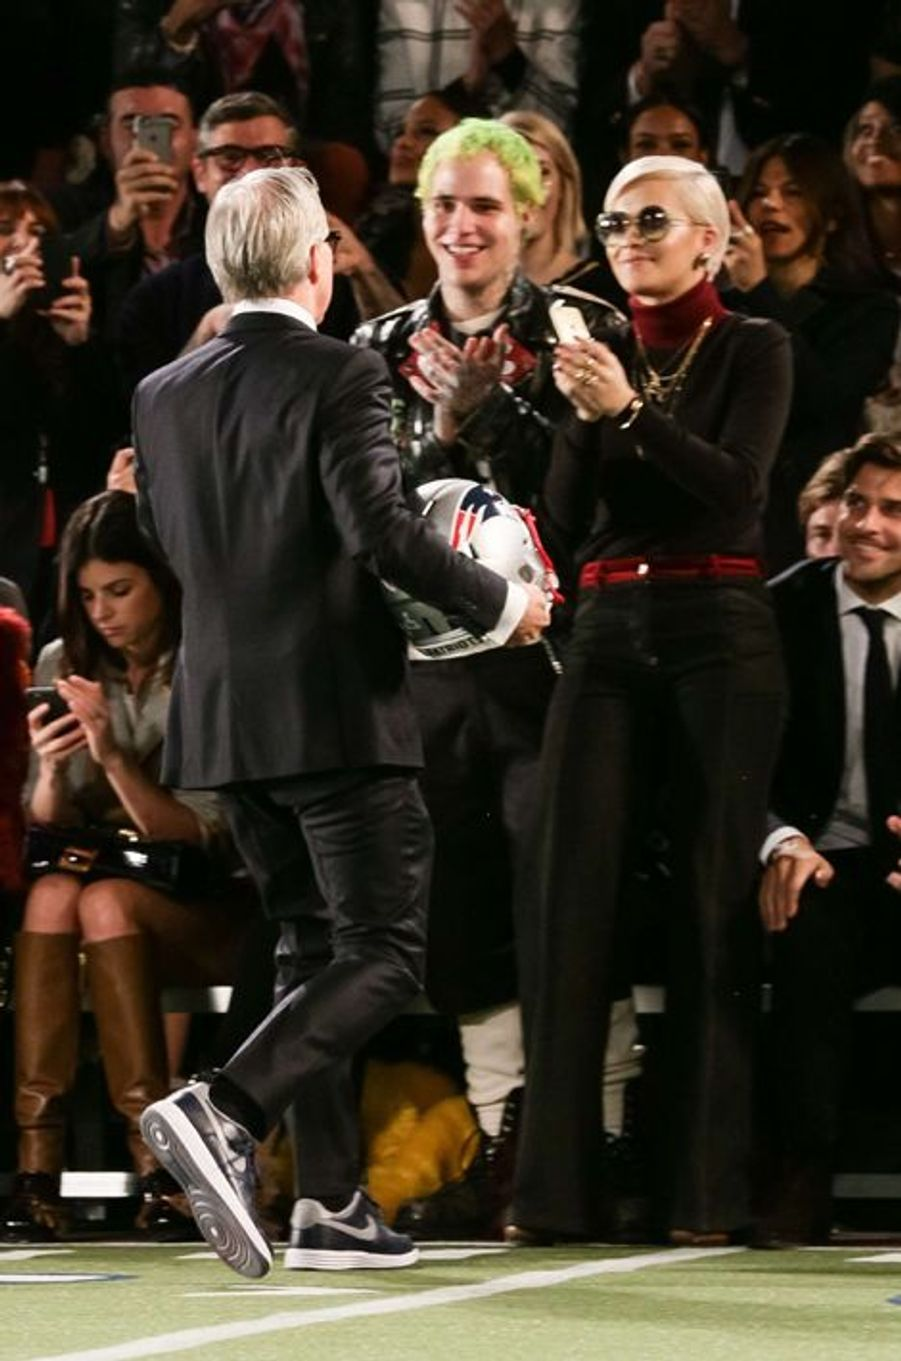 Ricky Hilfiger et Rita Ora soutiennent Tommy Hilfiger à New York le 16 février 2015